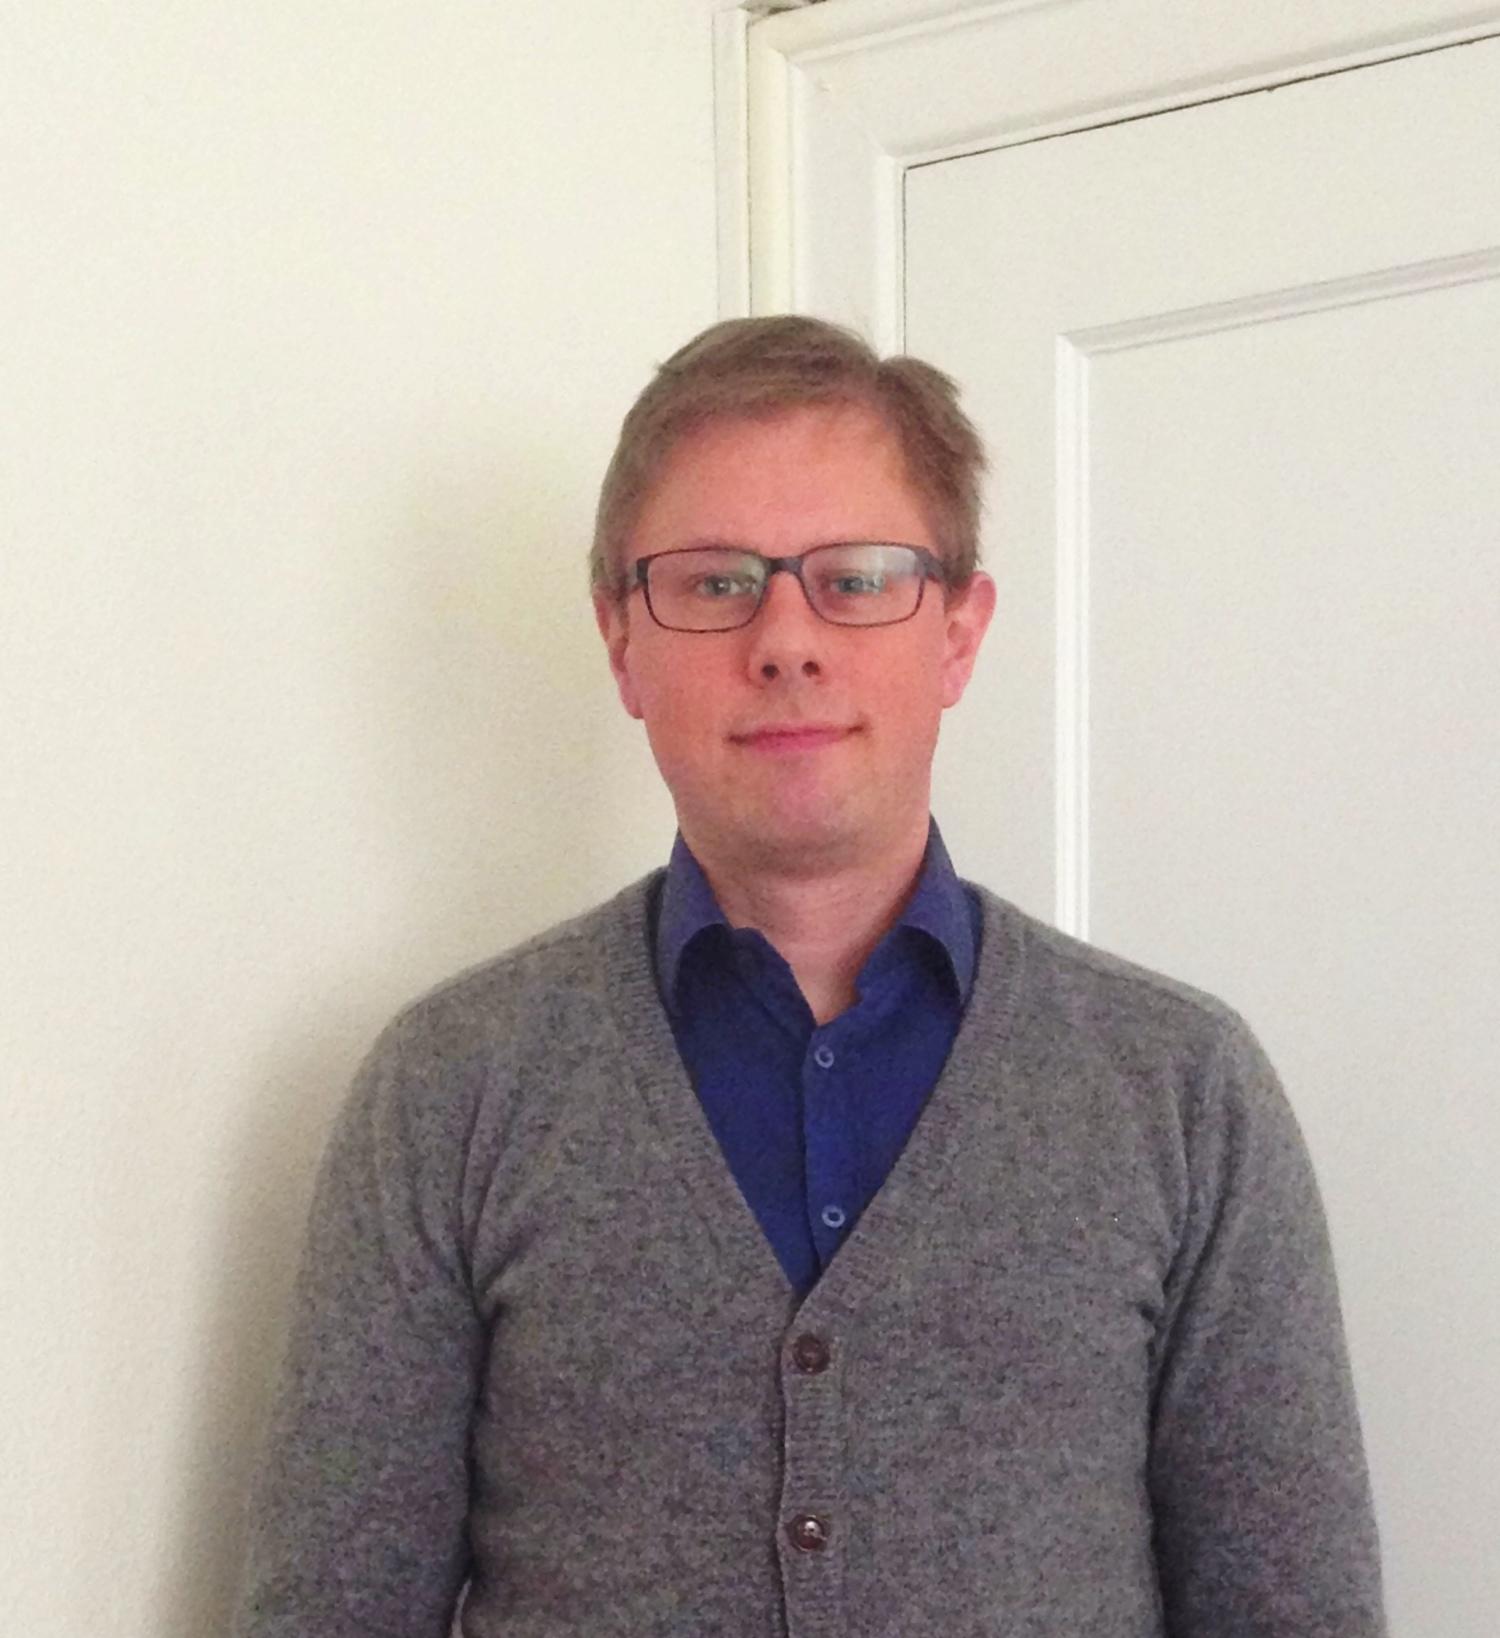 Daniel Spelling Clausen